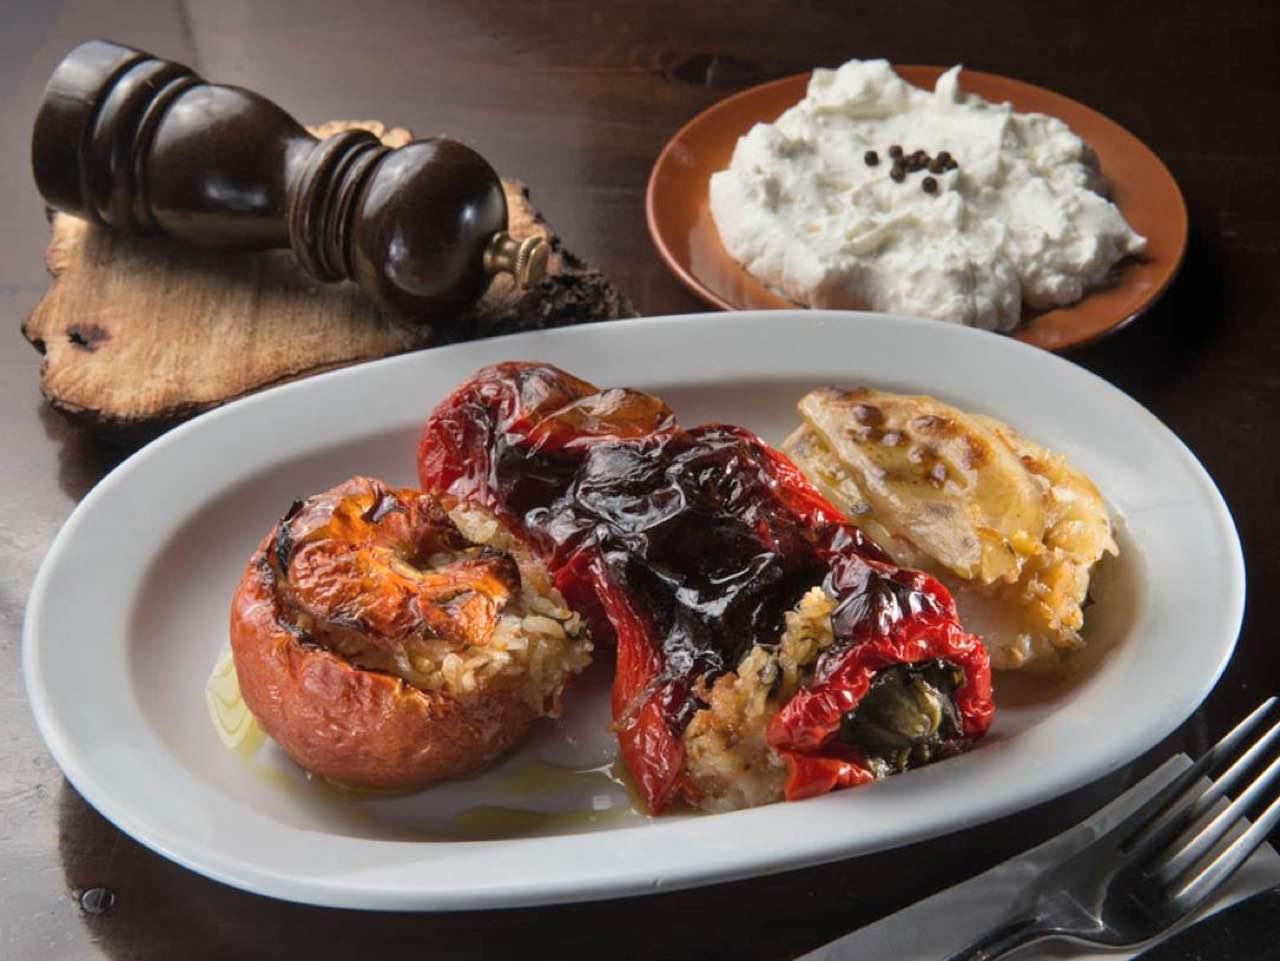 thalori tavern restaurant kapetaniana crete, thallori tavern crete greece, traditional restaurant thalori crete, cretan cuisine thalori restaurant